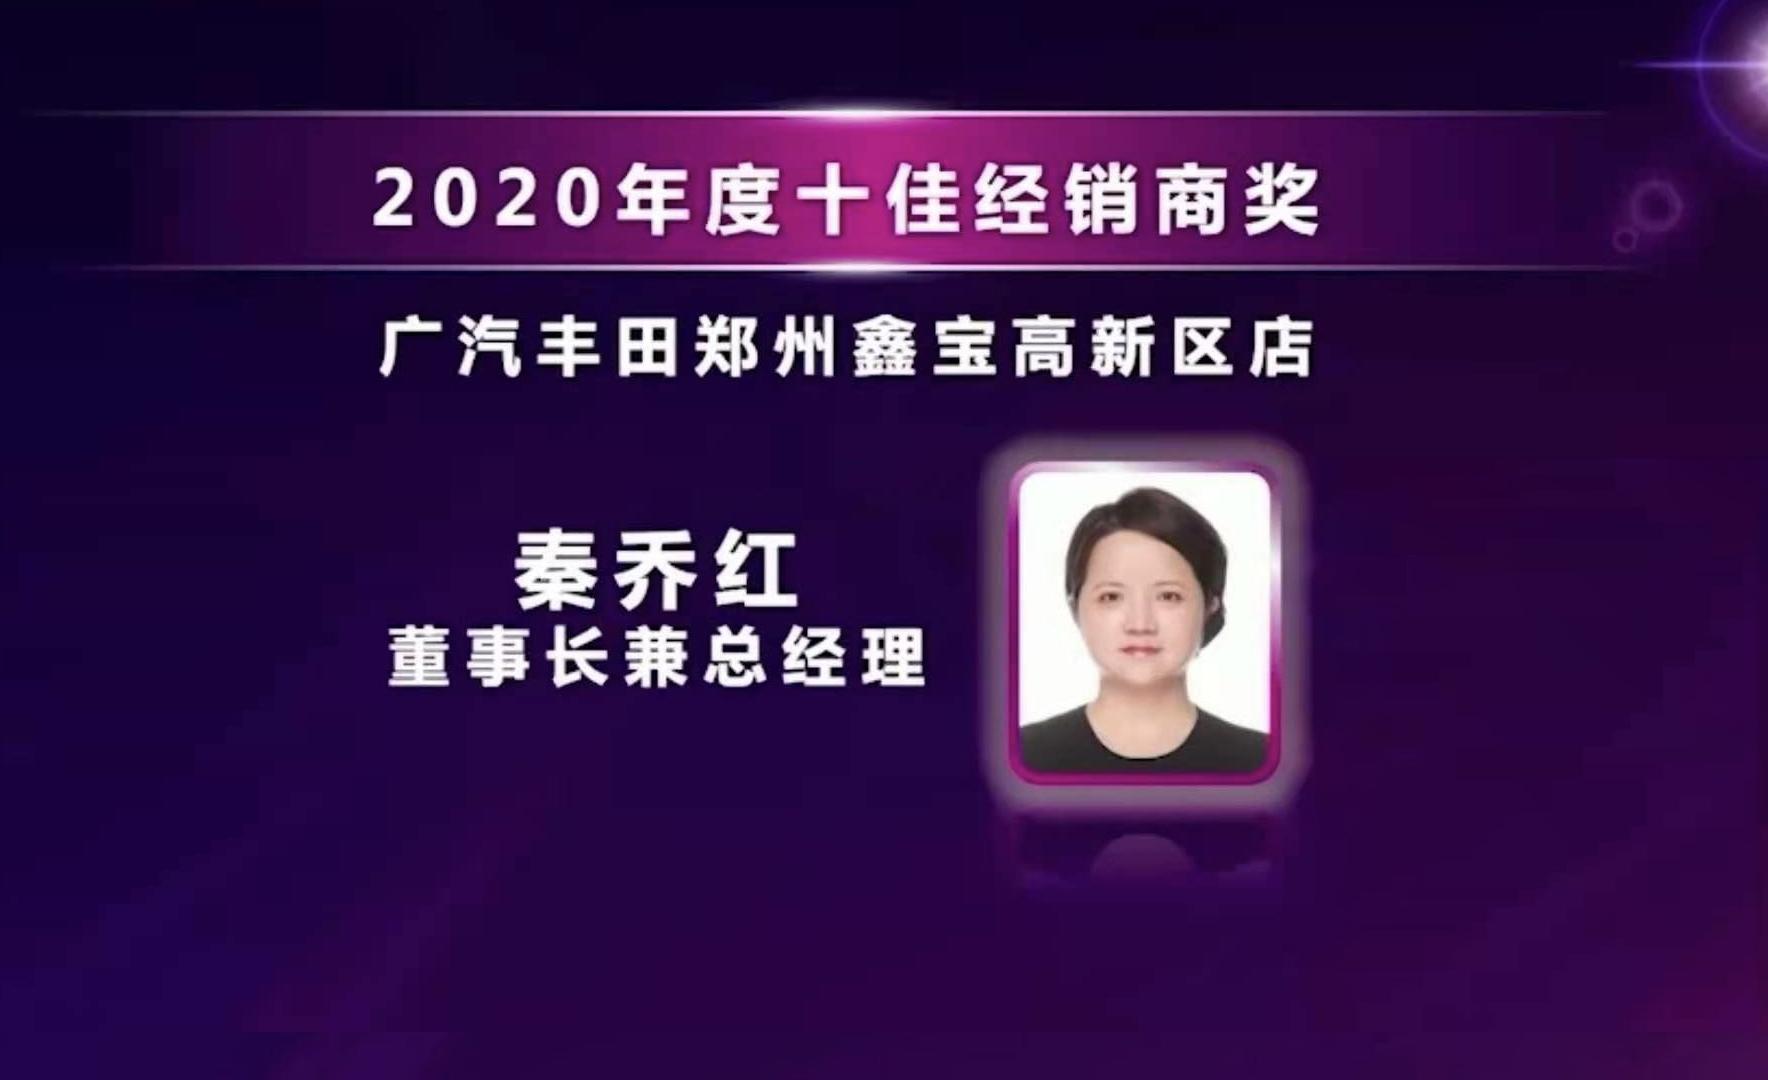 广汽丰田郑州鑫宝店斩获2020年度三项重磅大奖